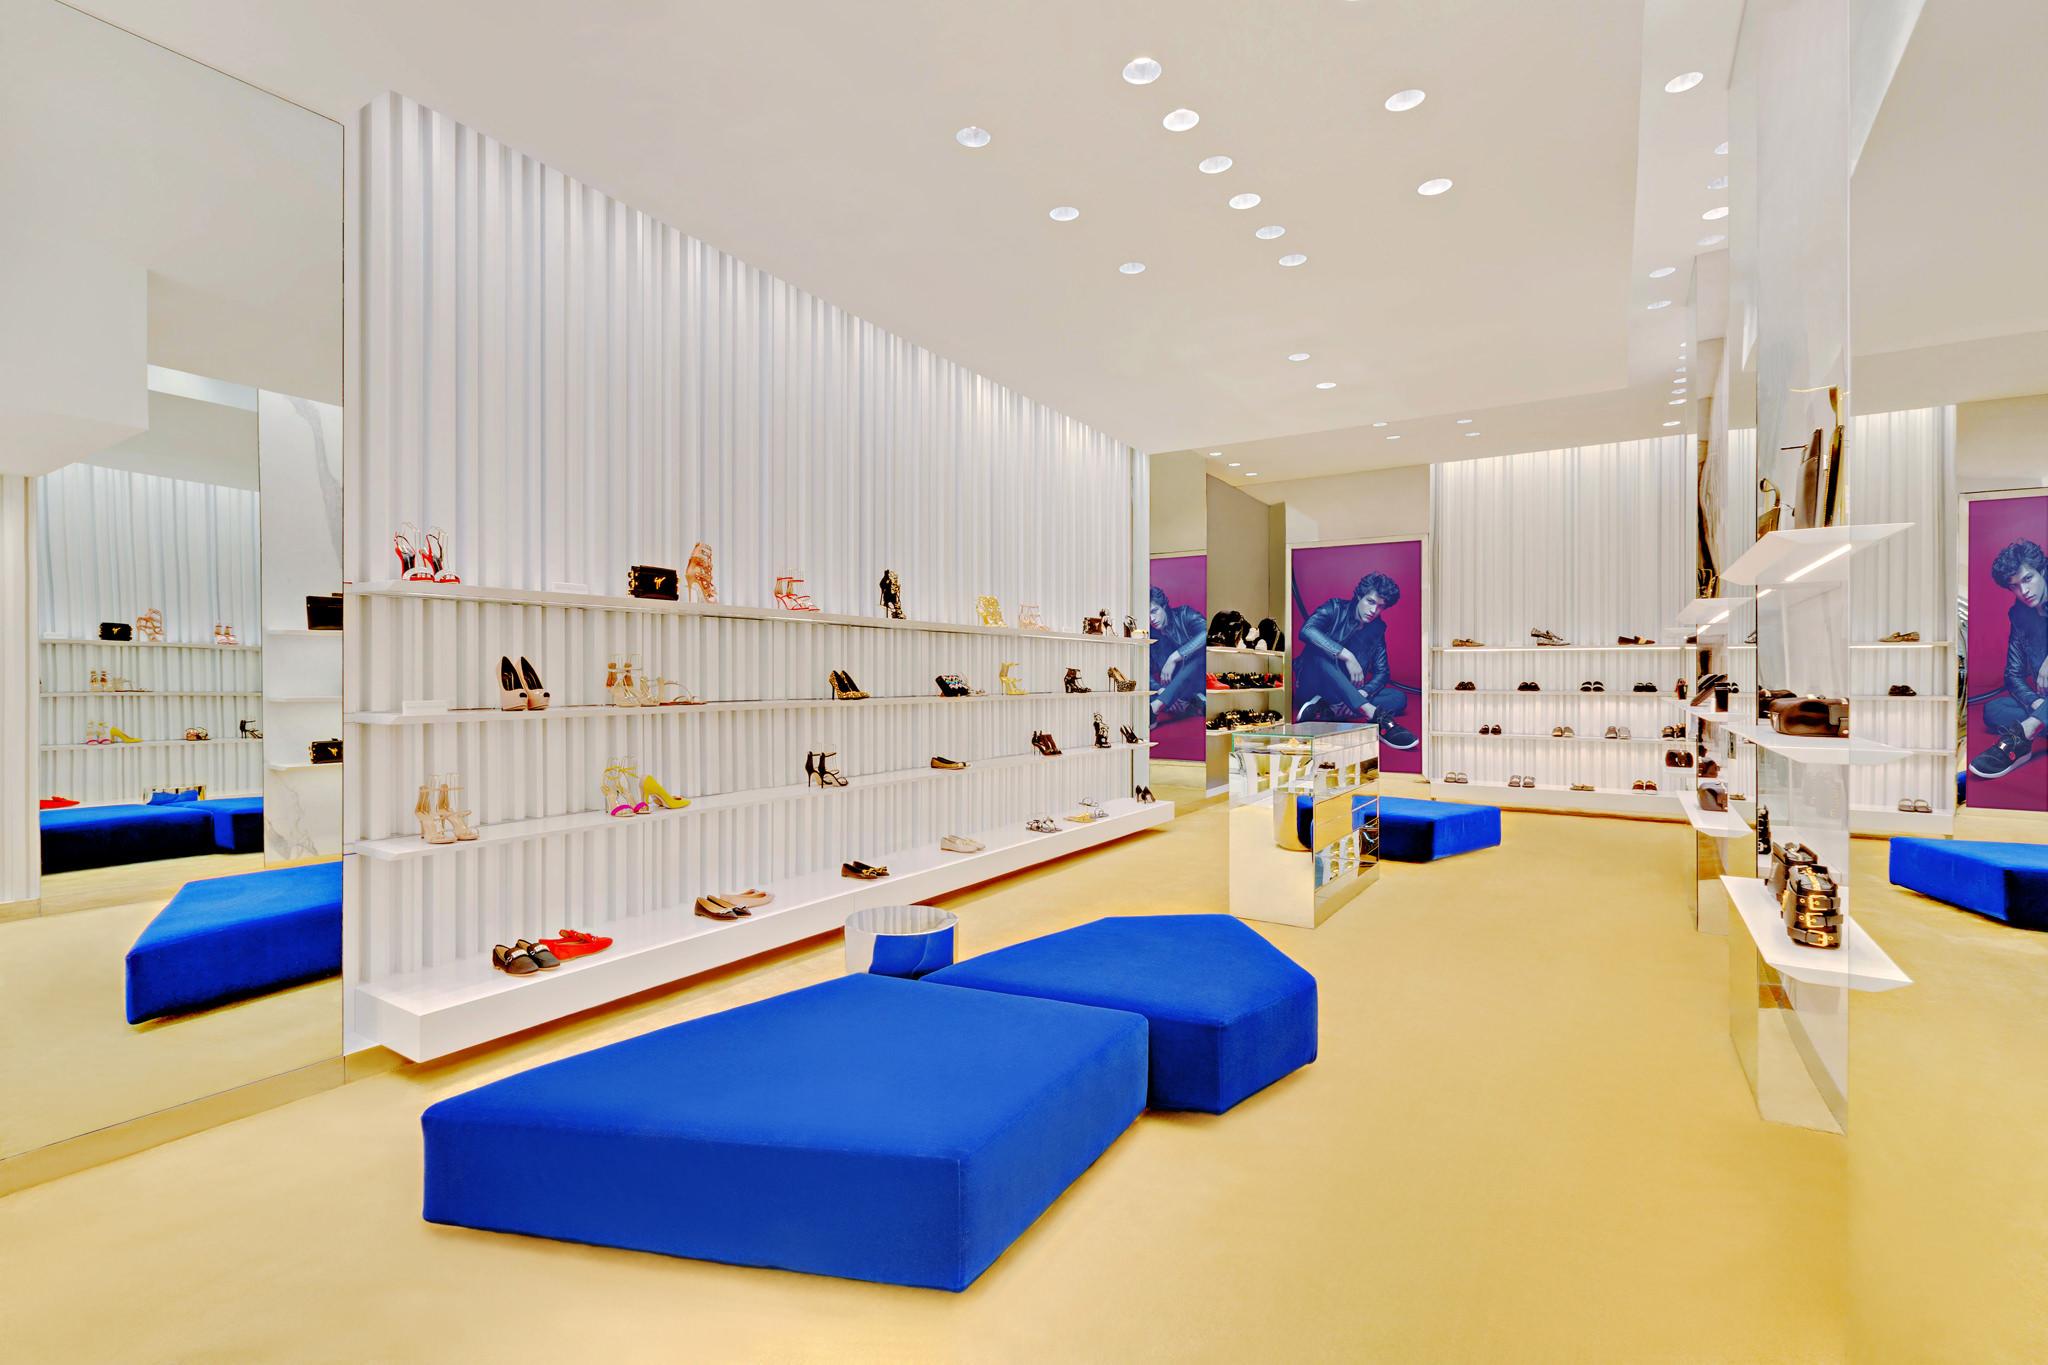 20170807 - Giuseppe Zanotti - HCM - Commercial - Interior - Store - Retouch 05.jpg